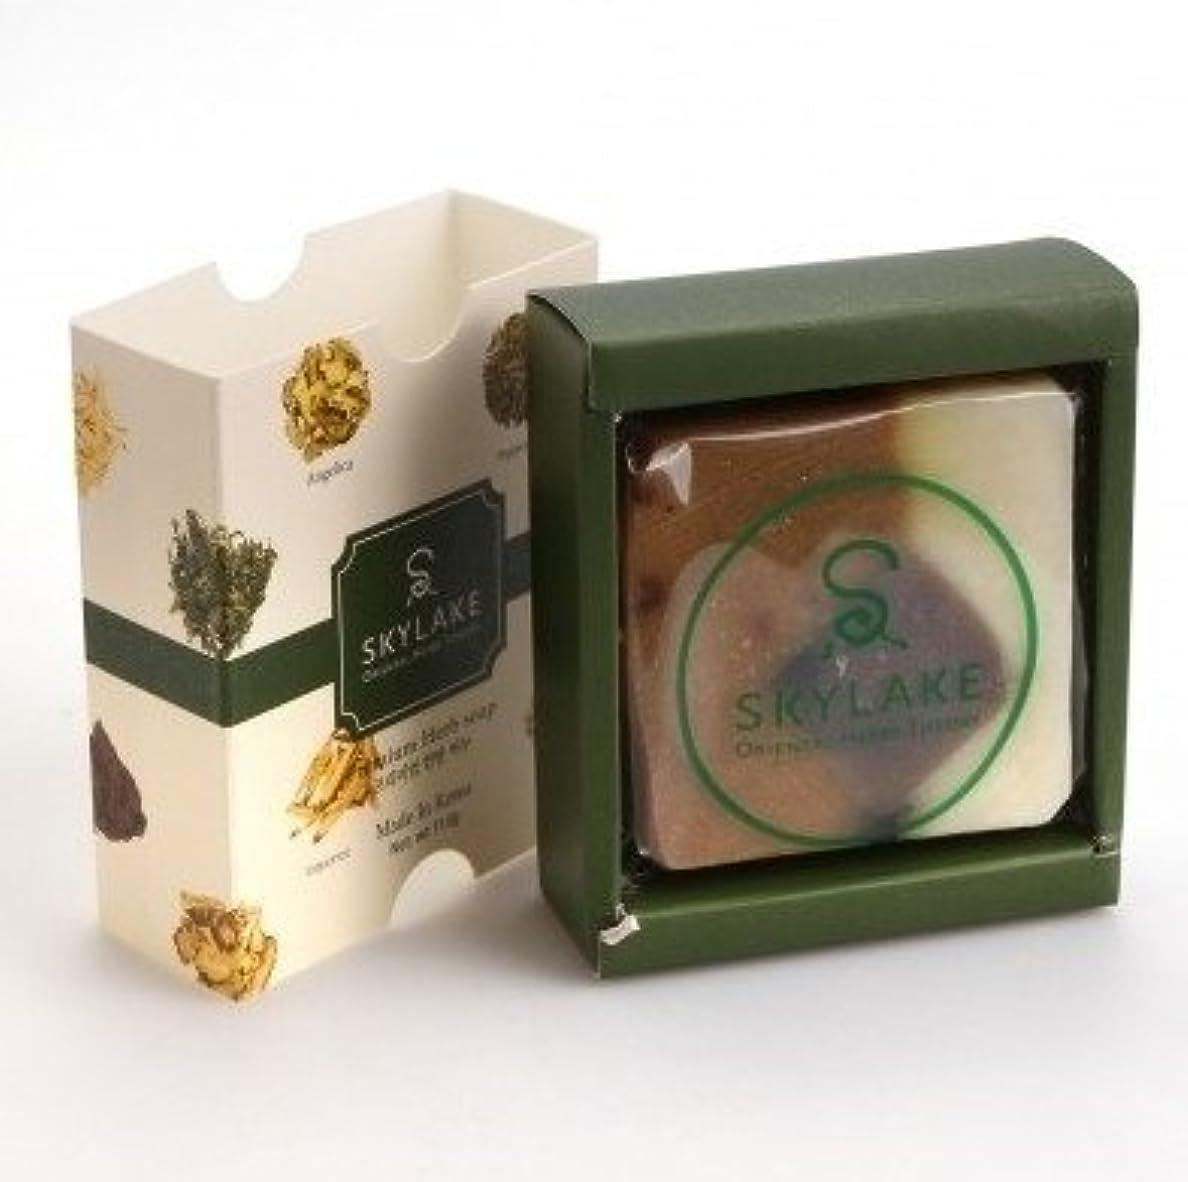 タイト悲鳴法医学ハヌルホス[Skylake] 漢方アロマ石鹸Oriental Herbs Theory Soap (プレミアム 手作り漢方)